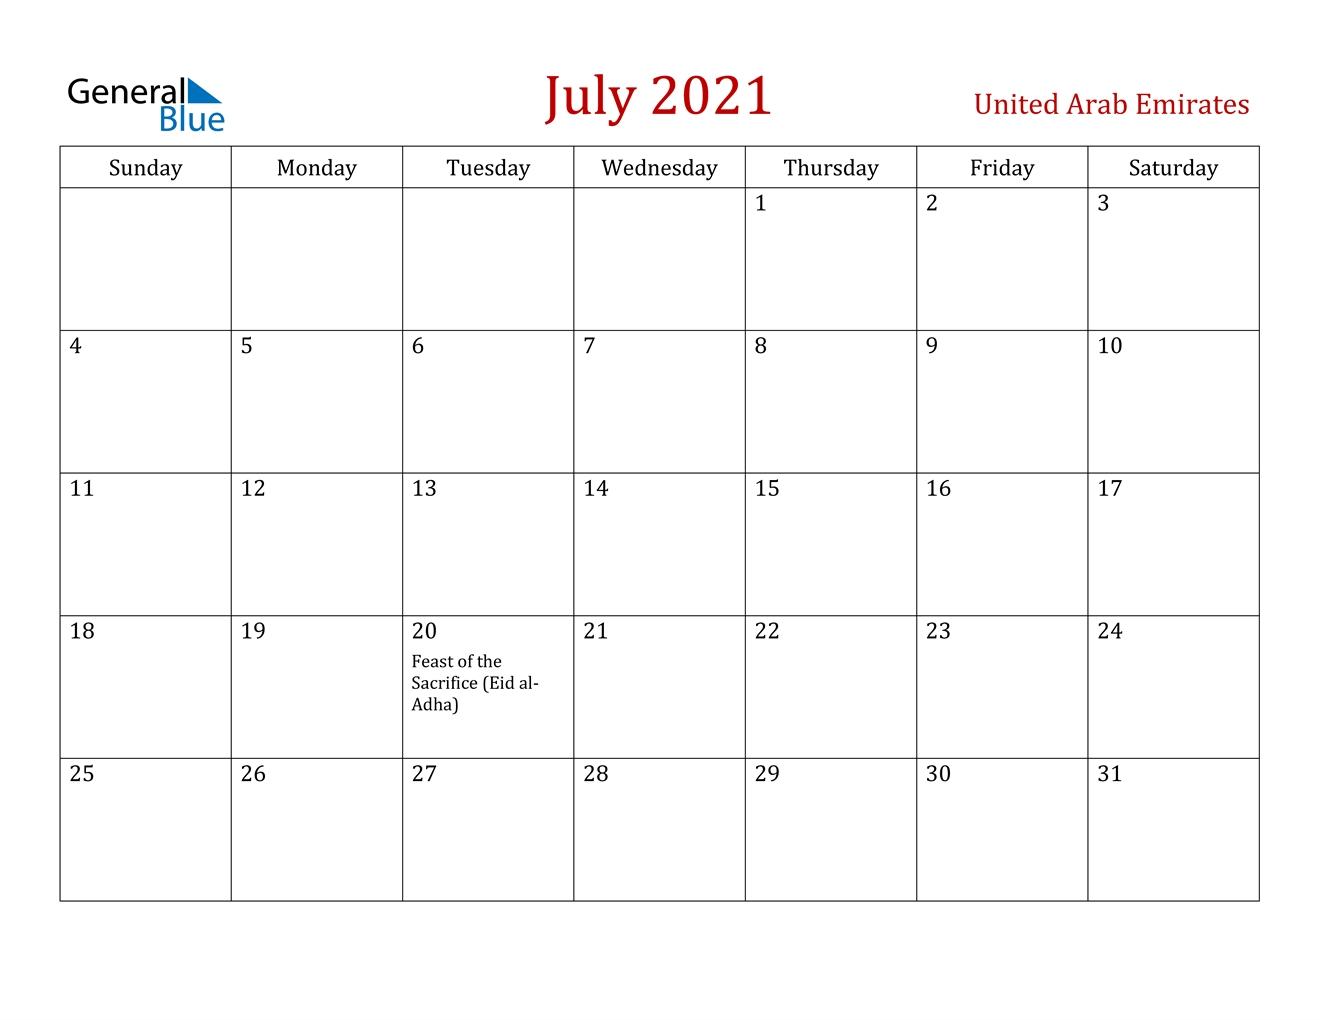 July 2021 Calendar - United Arab Emirates July 2021 Calendar Word